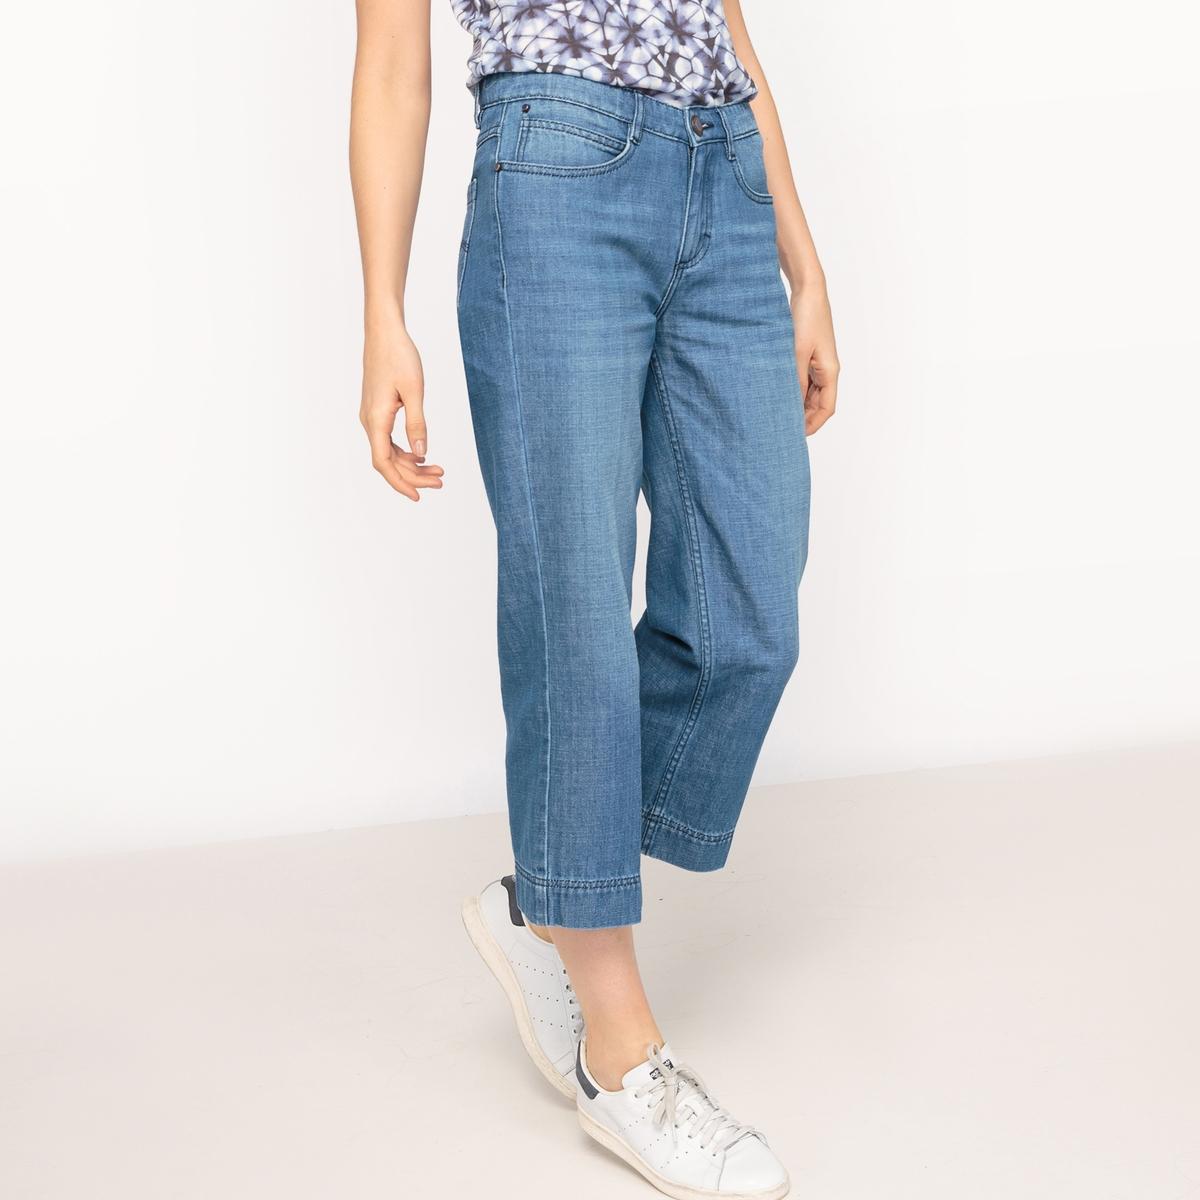 Юбка-брюки оригинальная, однотоннаяМатериал : 100% хлопок Рисунок : однотонная модель  Высота пояса : высокий пояс Покрой брюк : свободный, широкий<br><br>Цвет: синий<br>Размер: 28 (US) - 44 (RUS).25 (US) - 40/42 (RUS)